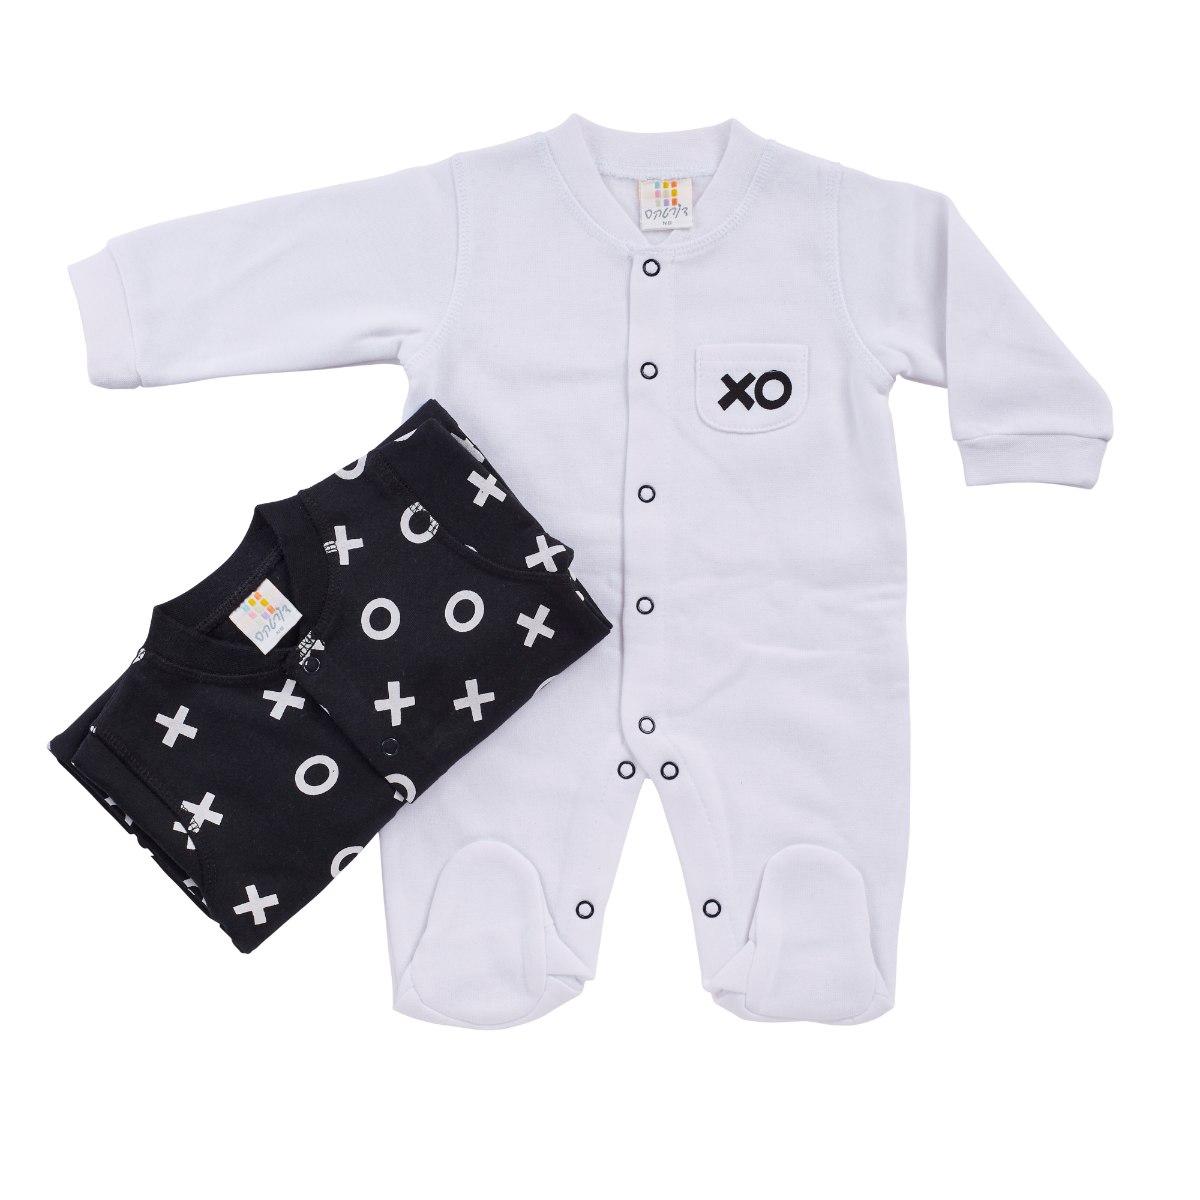 זוג אוברולים פוטר לבן/שחור XO